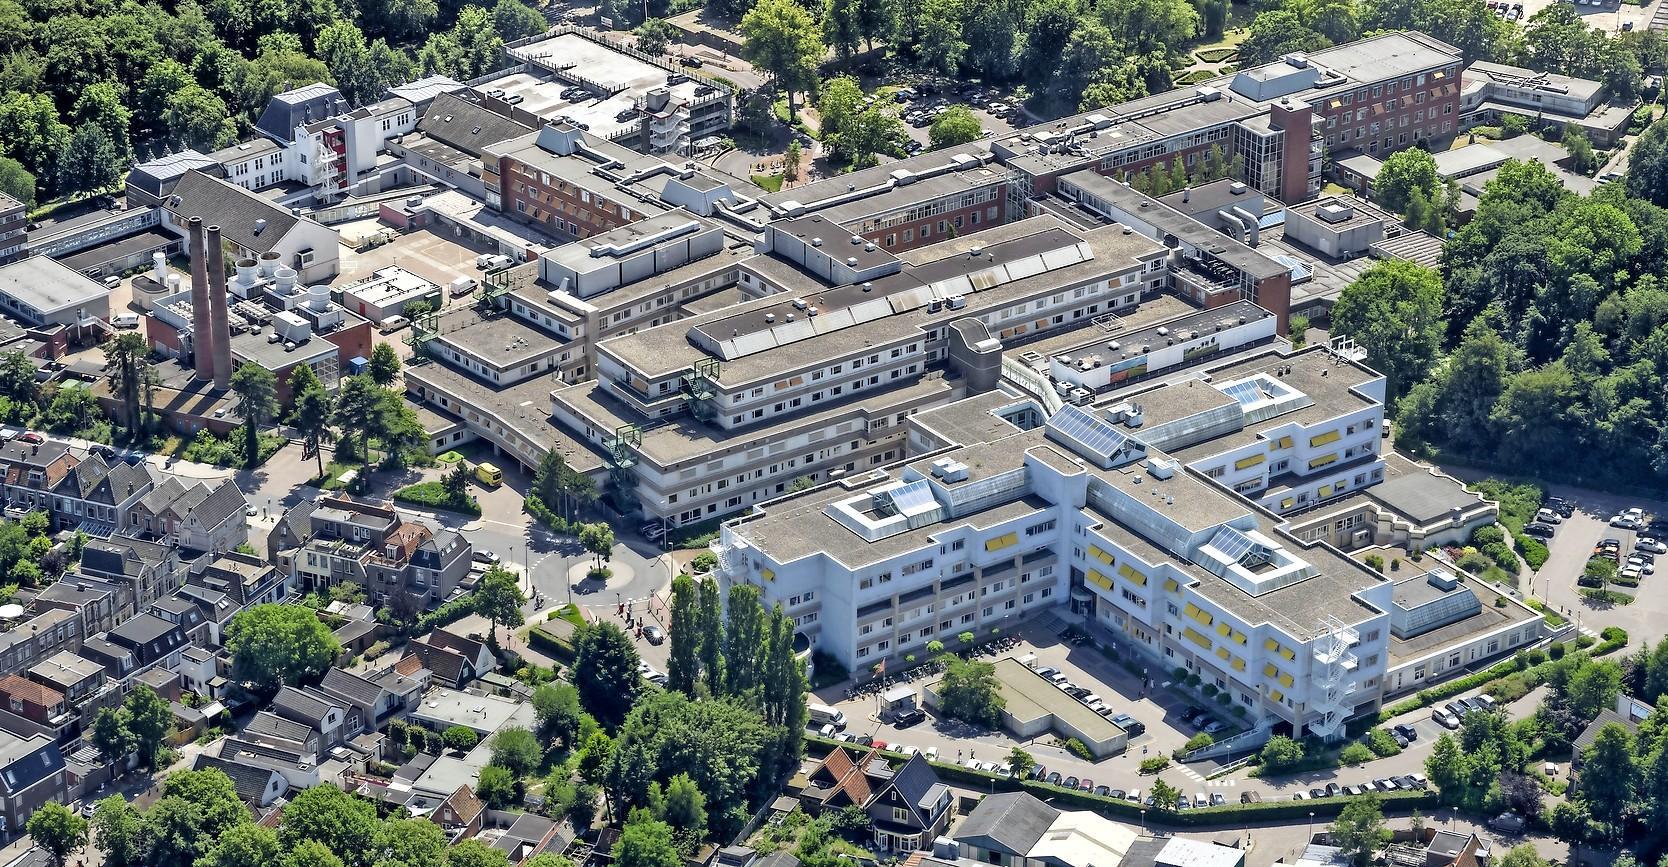 Noordwest Ziekenhuis in Alkmaar belt afspraken nog niet af en stelt operaties voorlopig niet uit: 'We bekijken de situatie per dag'